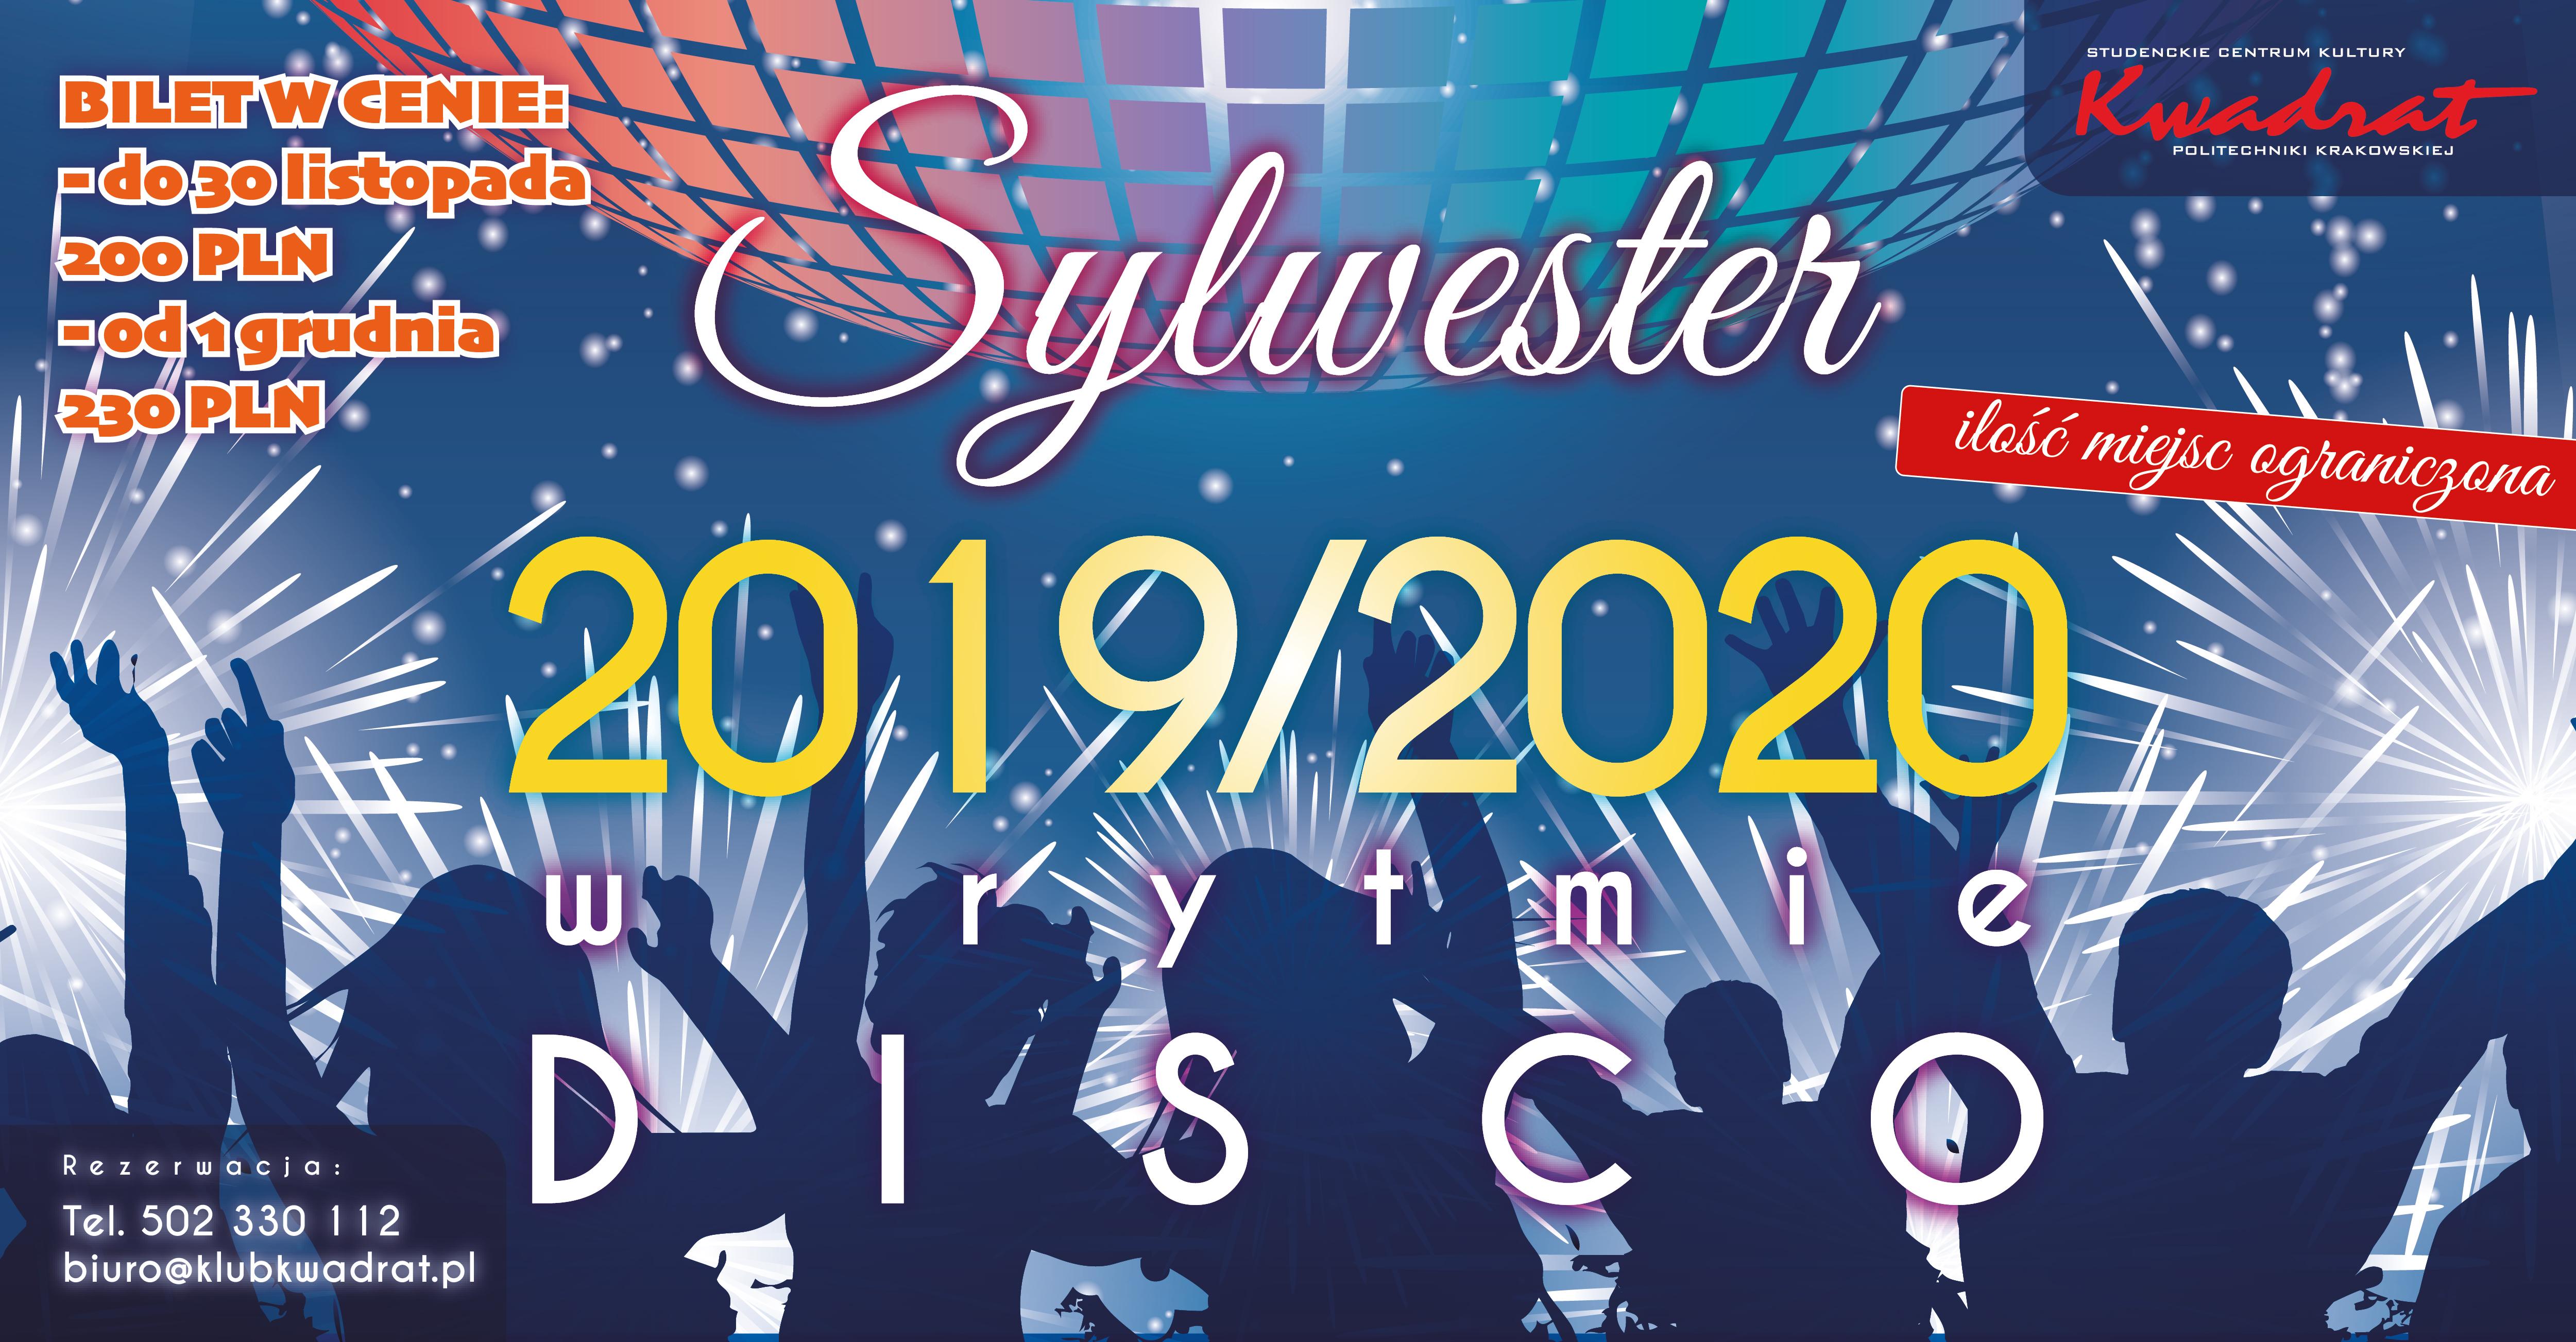 Sylwester 2019/2020 w rytmie disco